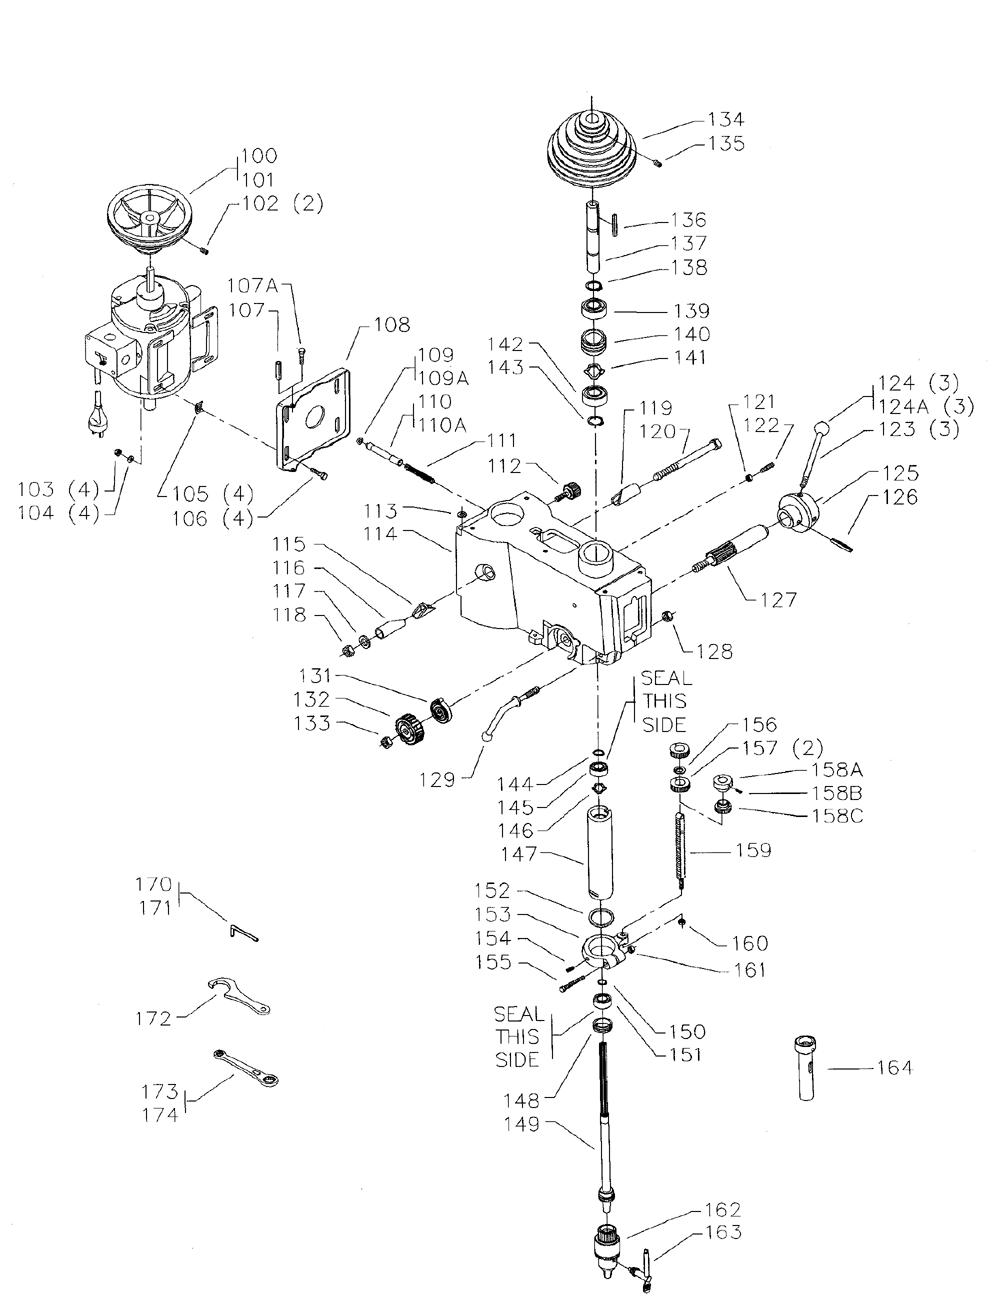 15-262-Delta-T2-PB-1Break Down